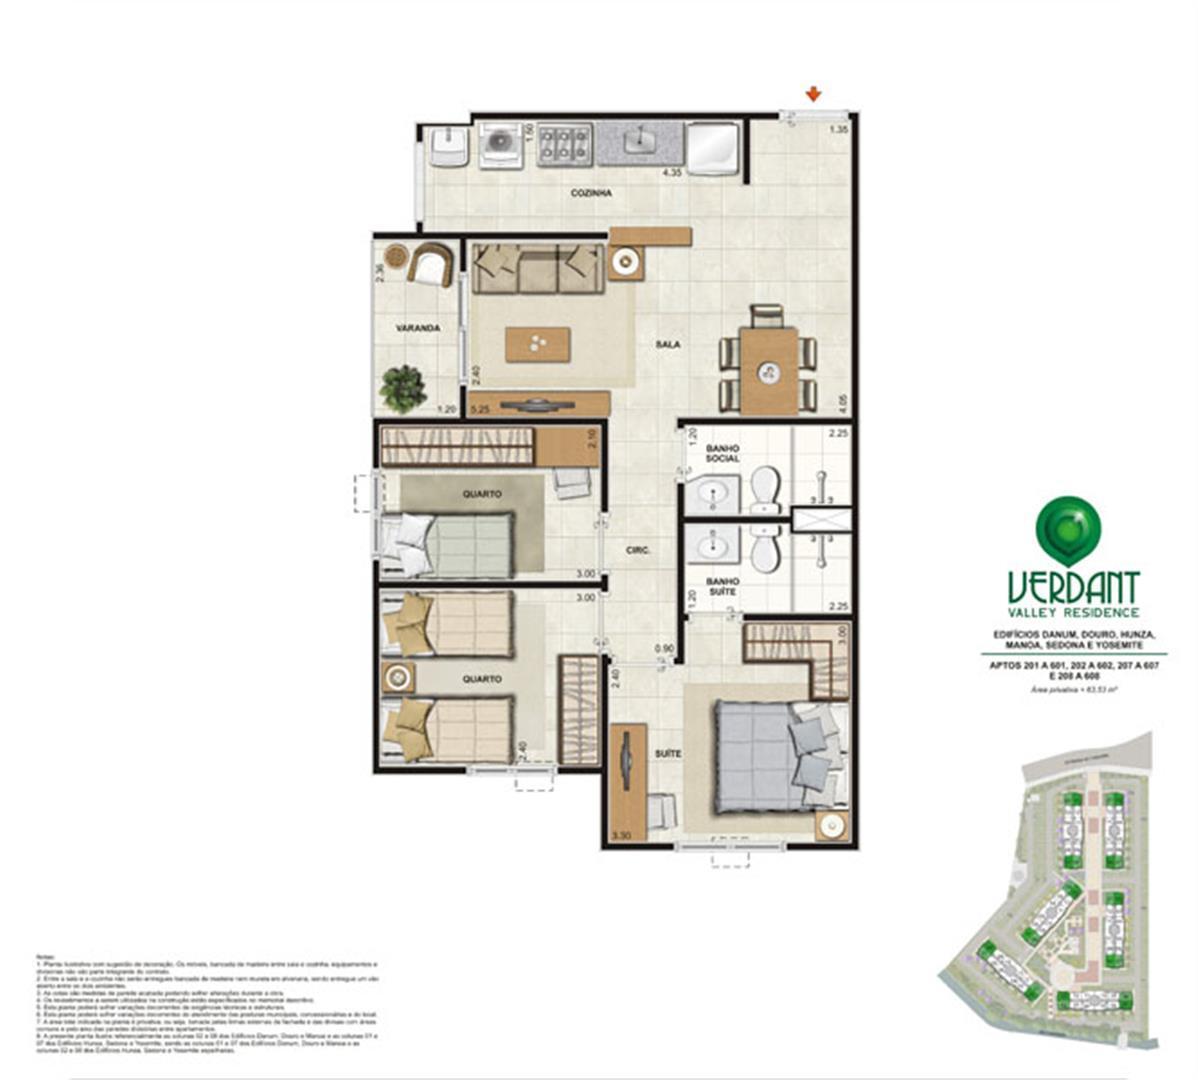 3 Quartos com suíte - 63,53m² - Aptos 201 a 601, 202 a 602, 207 a 607 e 208 a 608 - Edifícios Danum, Douro, Hunza, Mano